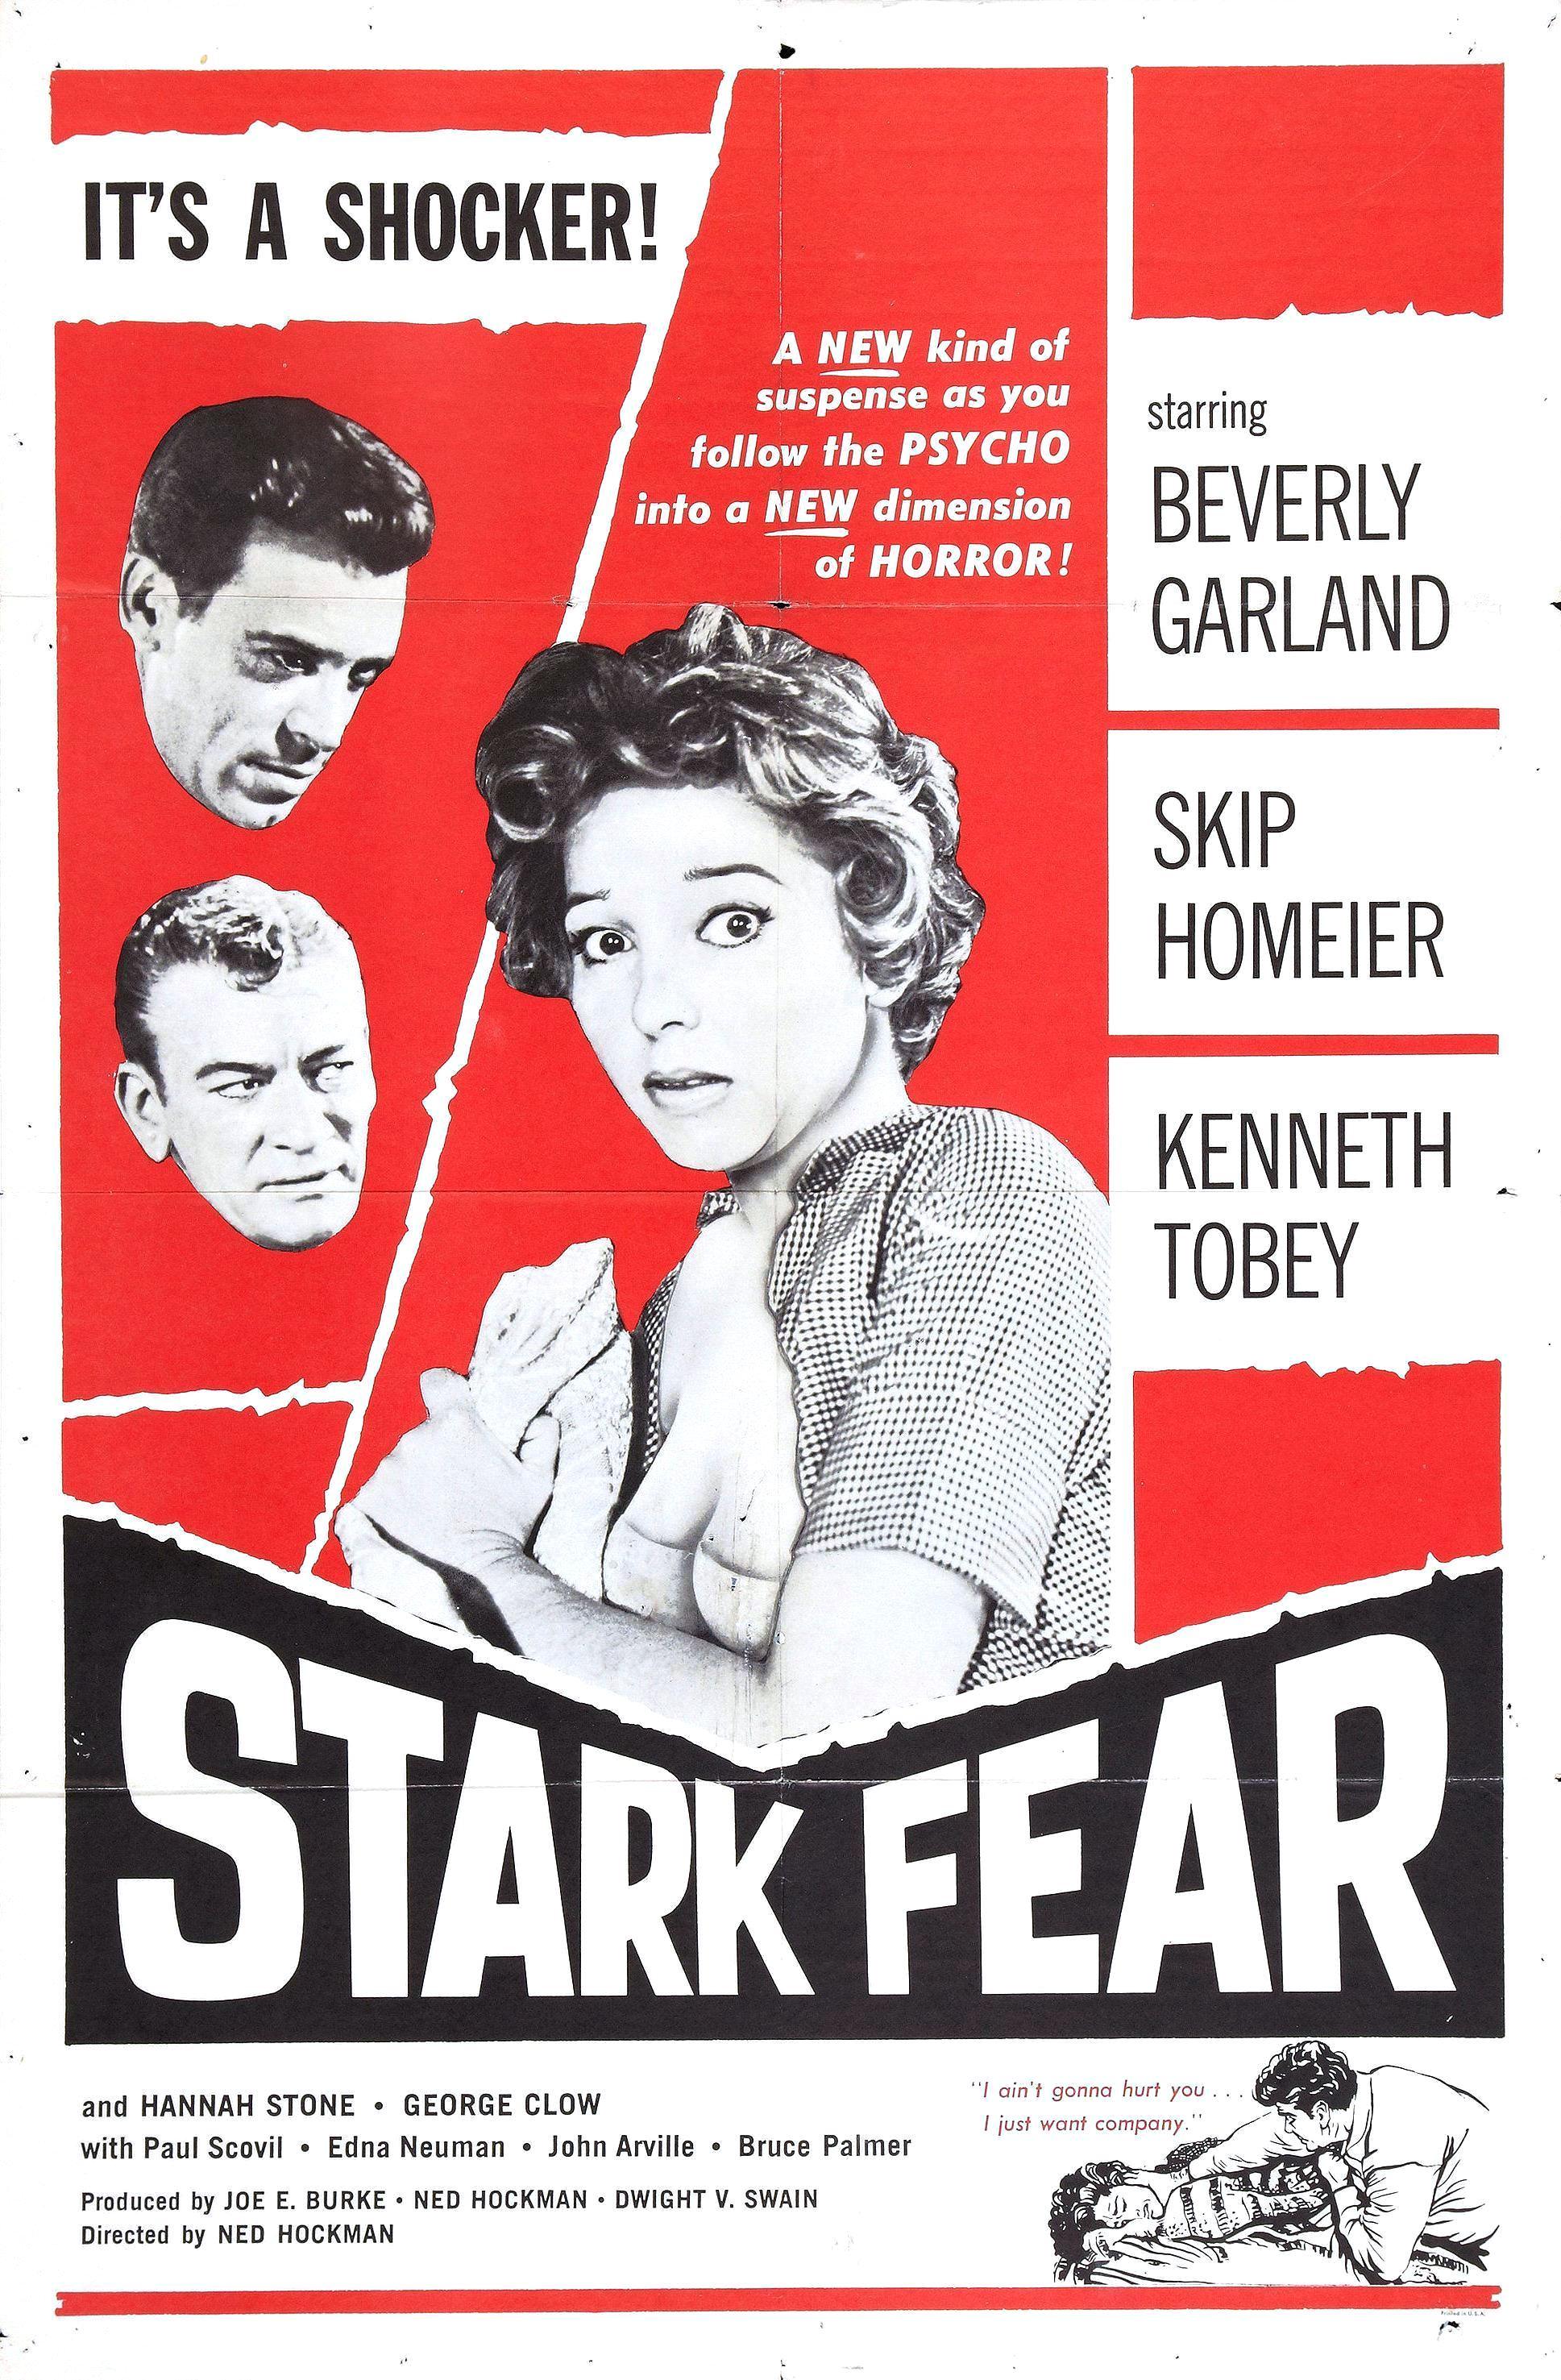 Stark Fear kapak